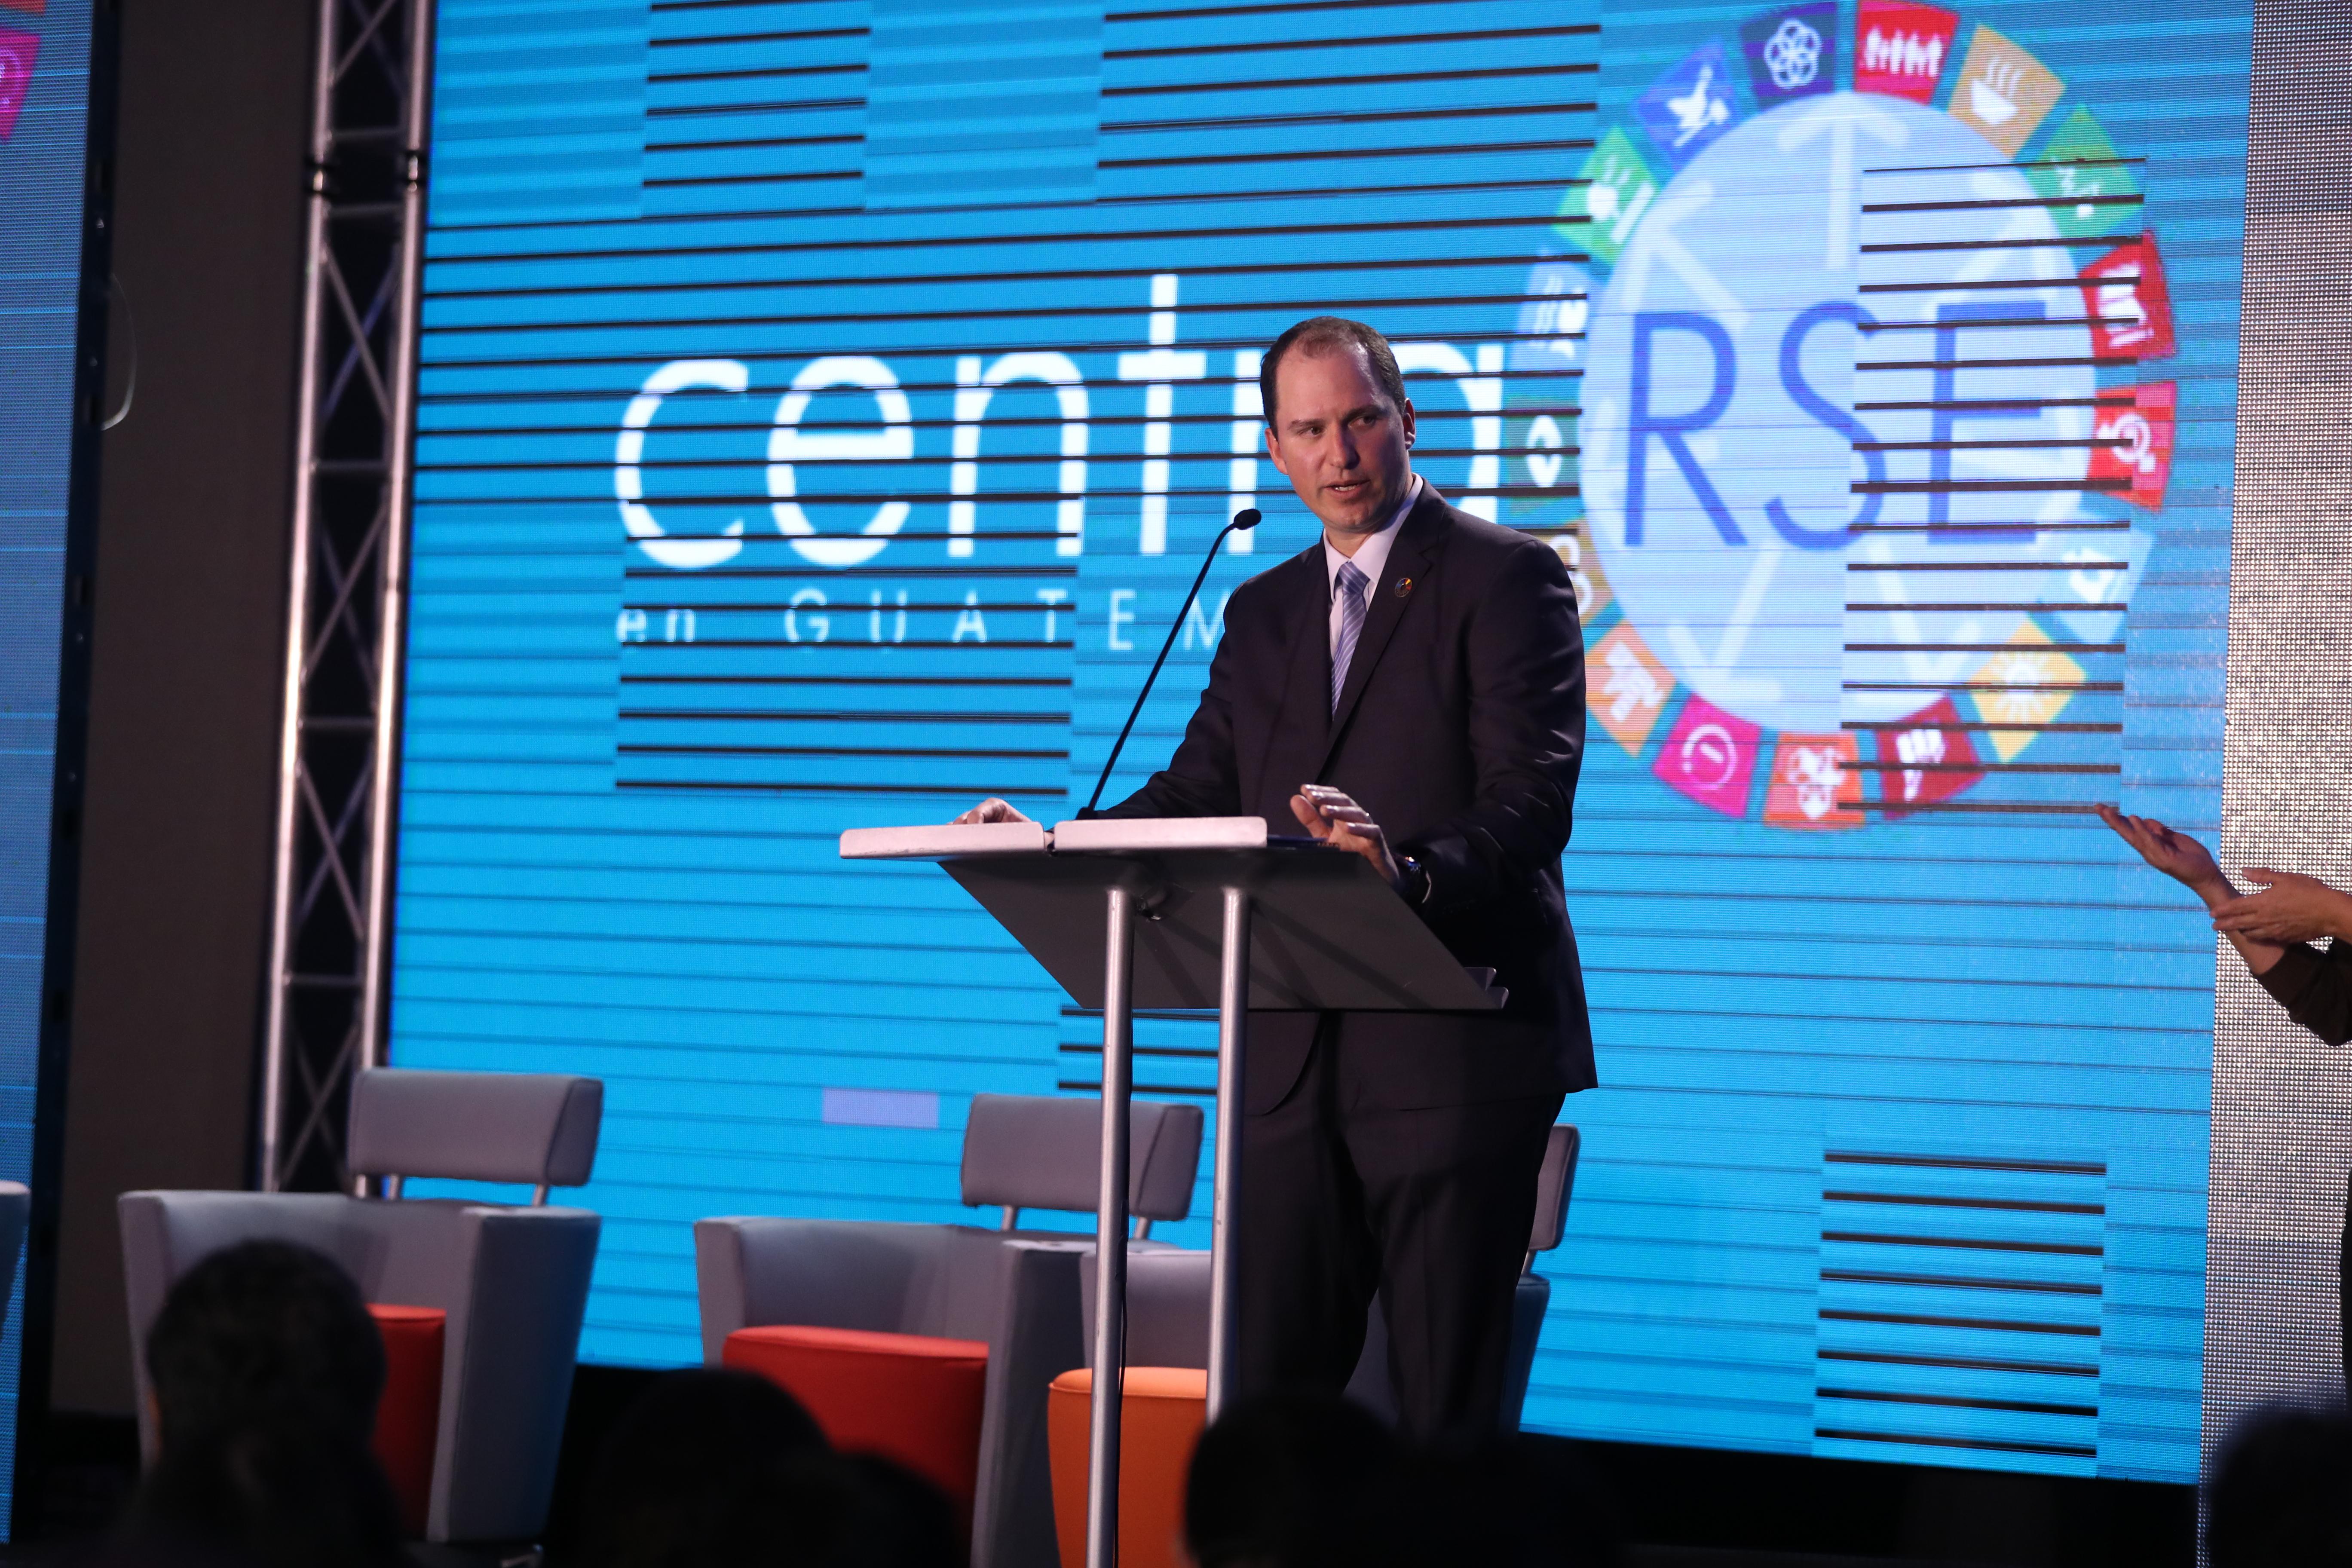 Federico Barquero Presidente de Centrarse, duante el lanzamiento de la Estrategia 2019 con la participación de empresarios socios y aliados. (Foto Prensa Libre: Carlos Hernández)